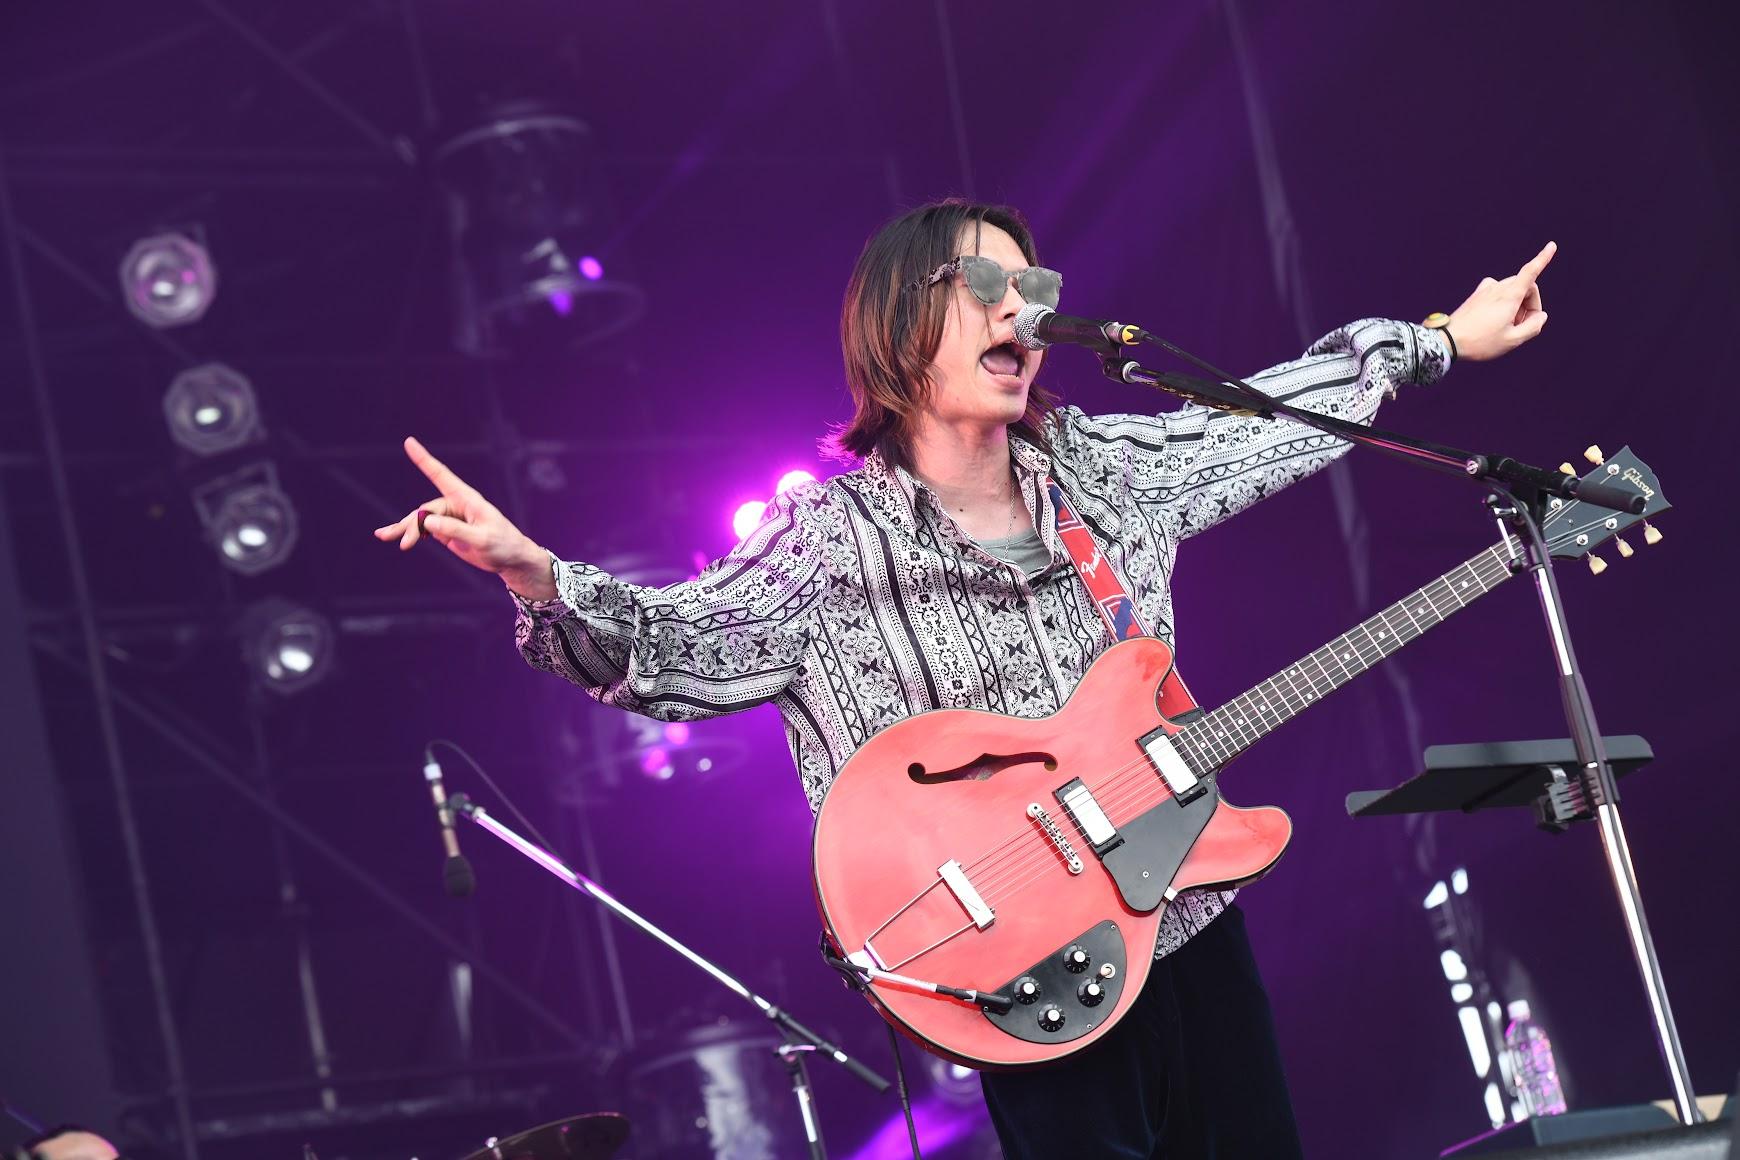 【迷迷現場】 JAPAN JAM 2019  NICO Touchs the Walls 大玩接唱競賽